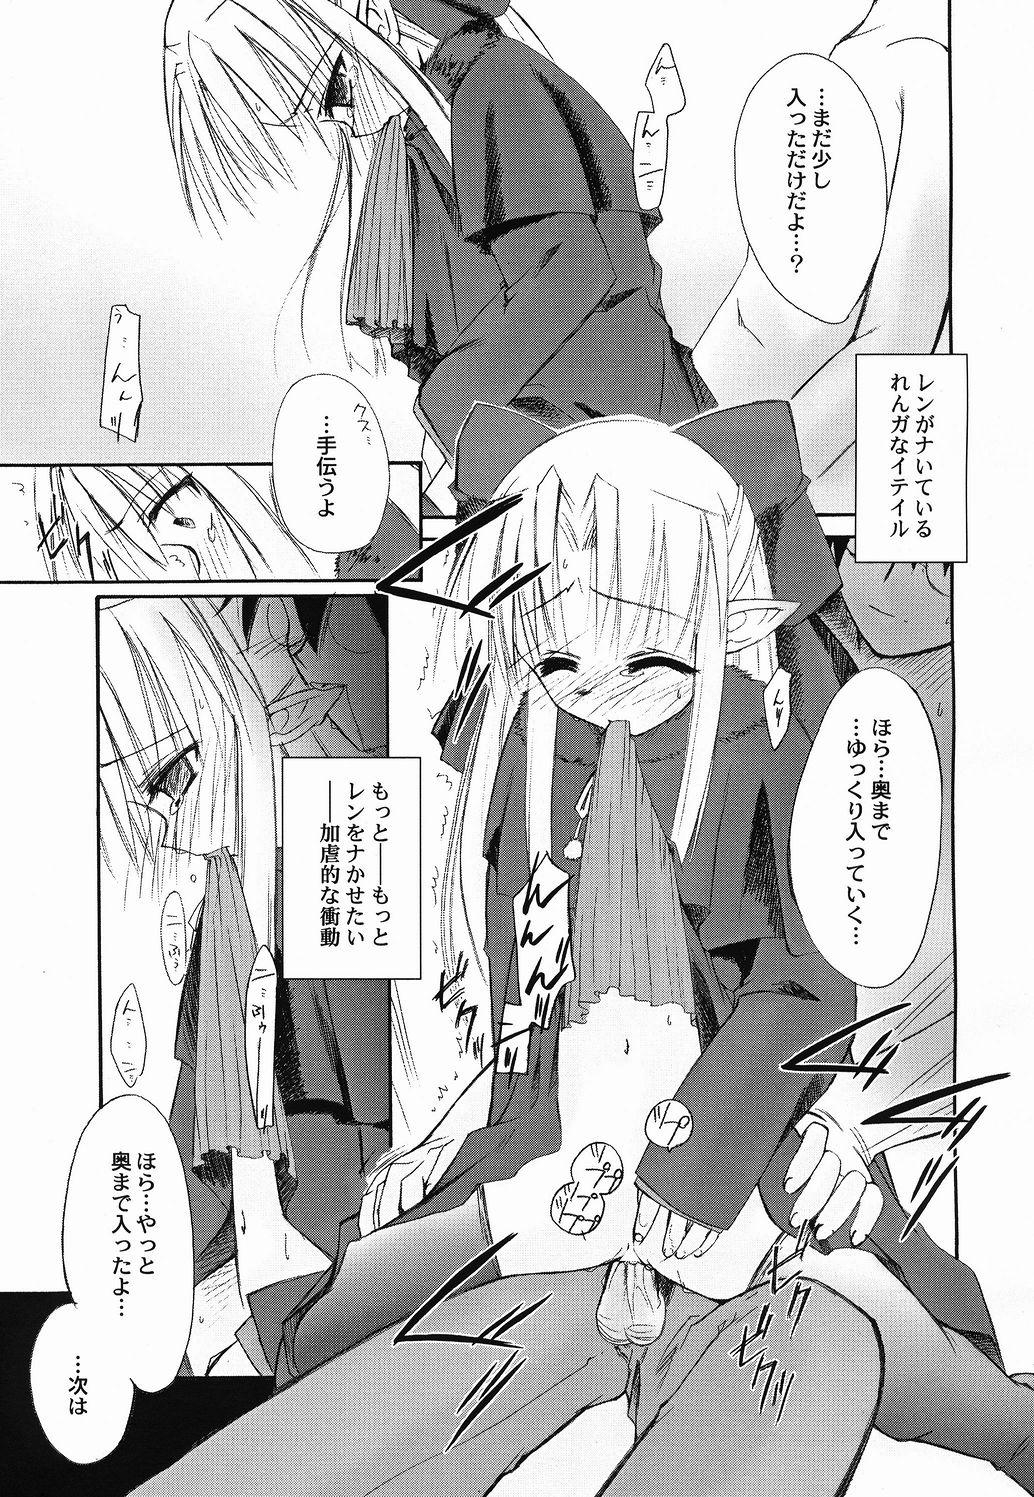 Taiyou to Tsuki ni Somuite 19